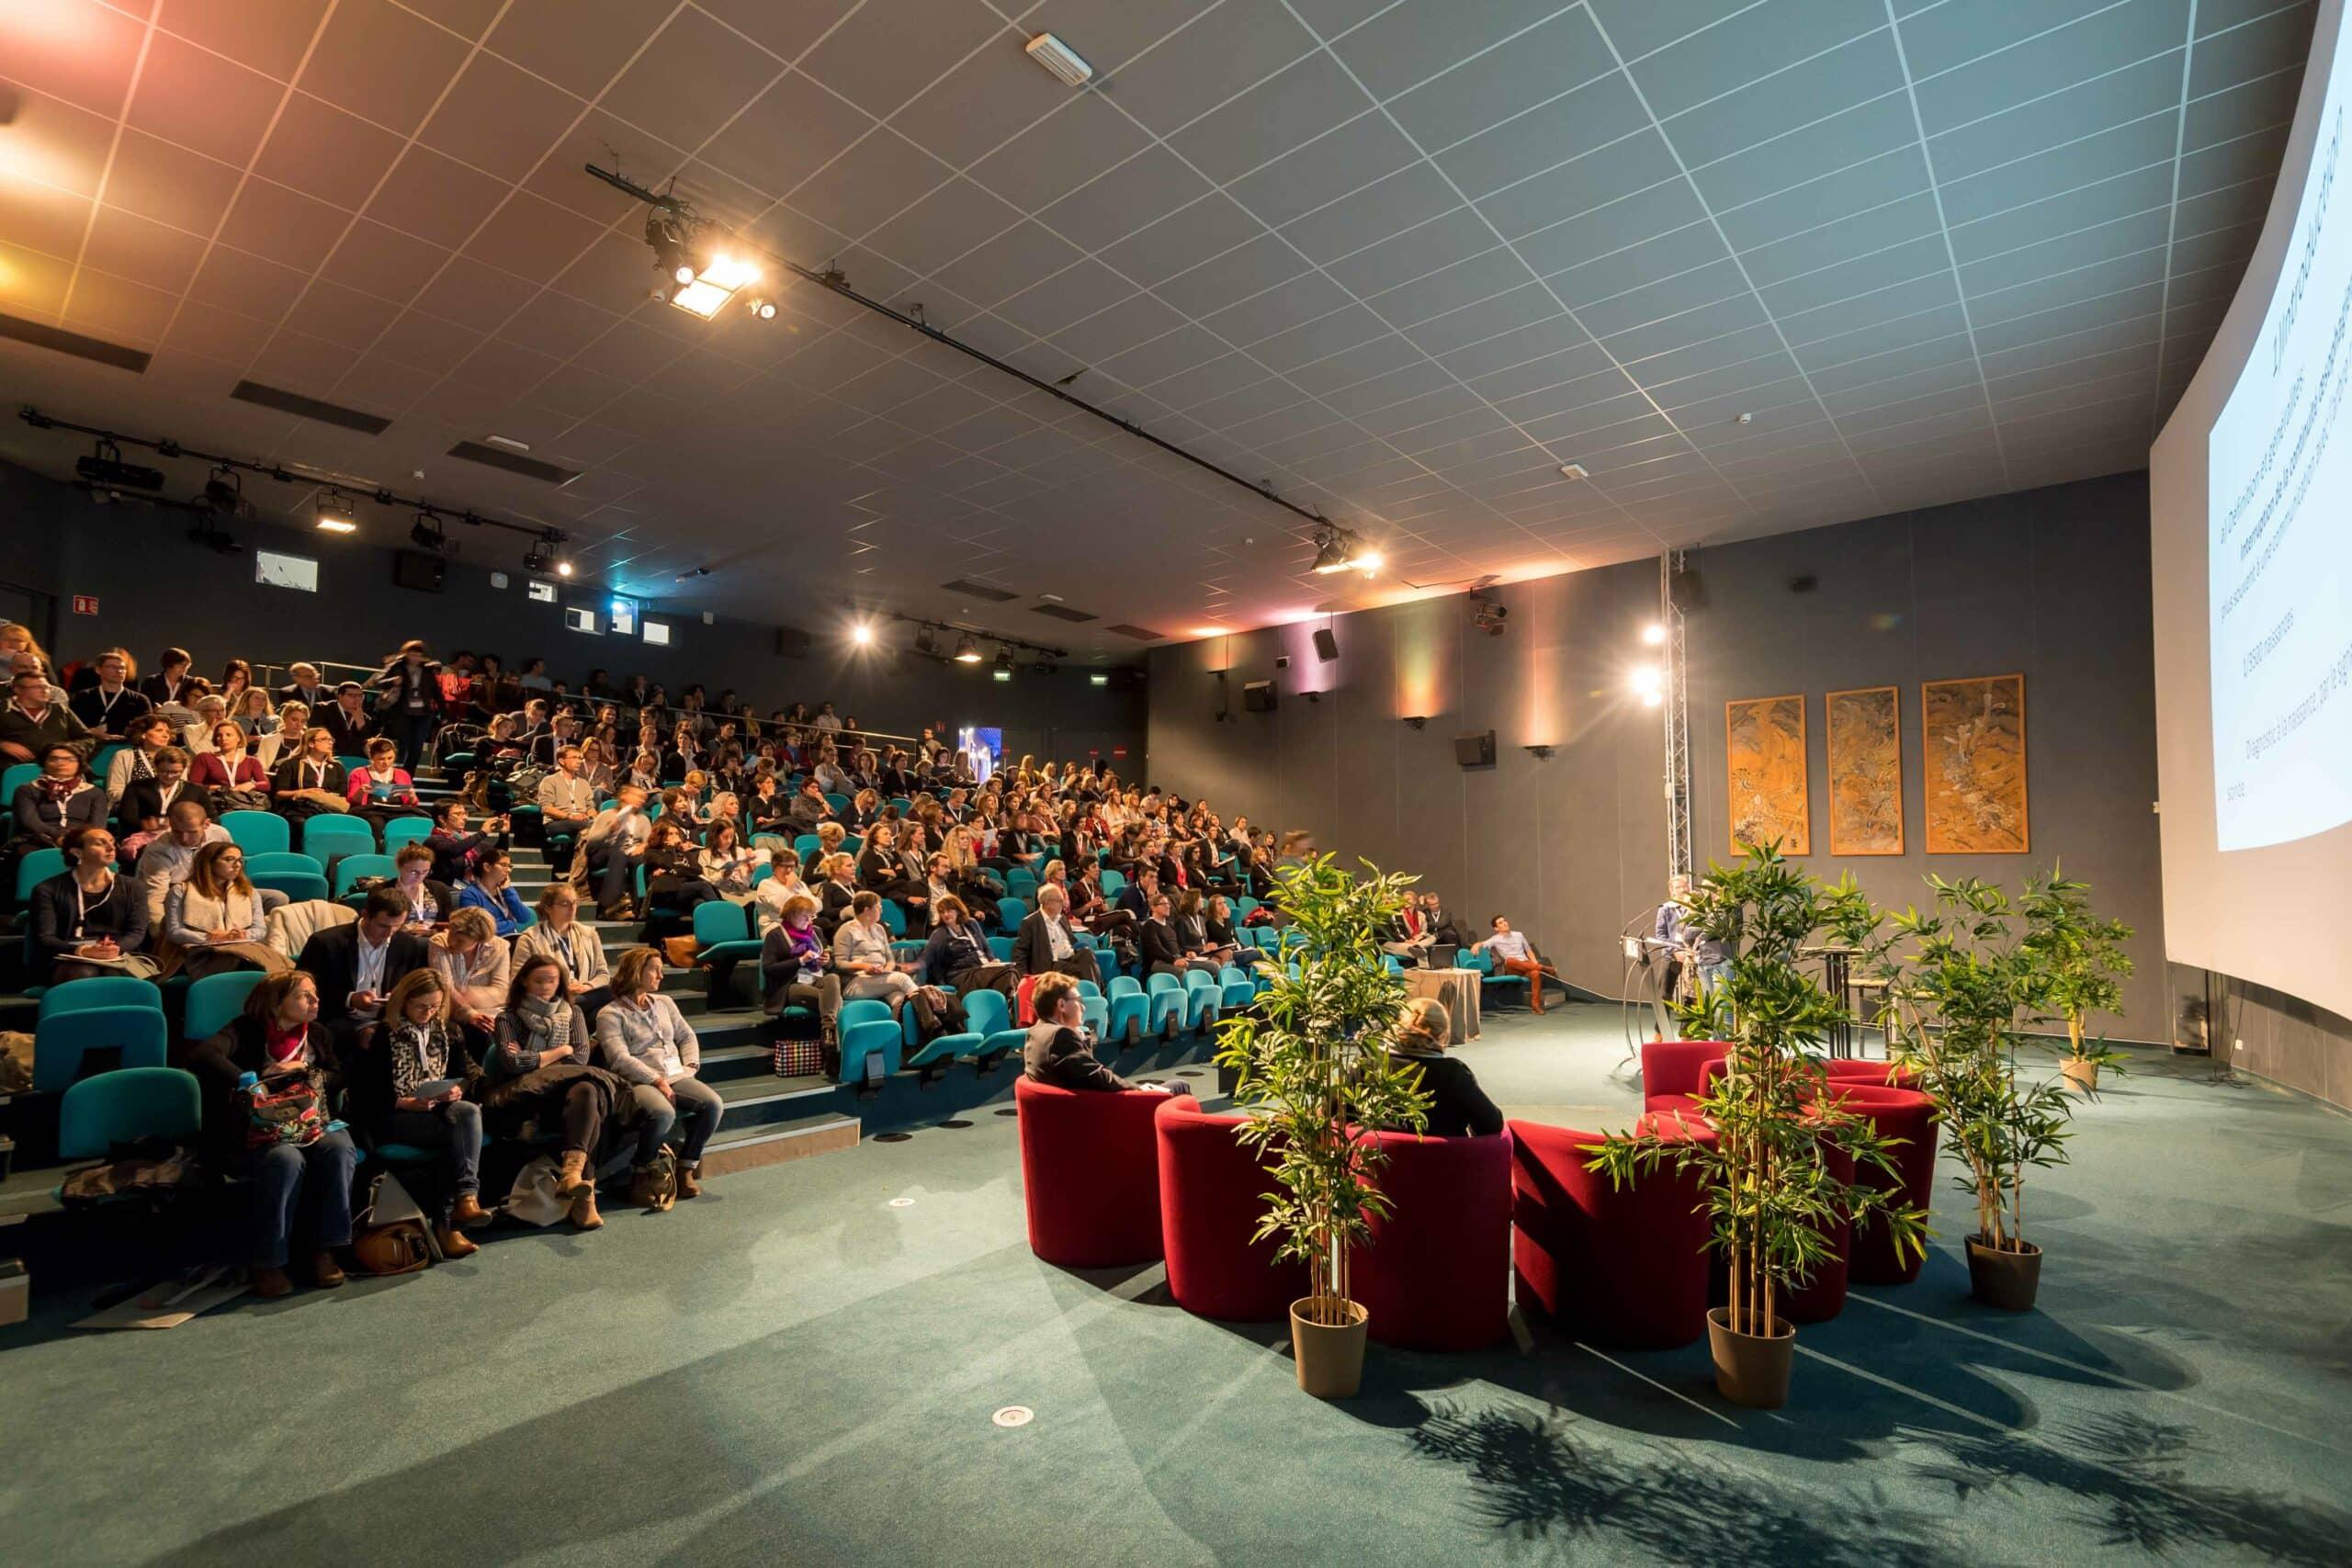 Réunion dans l'auditorium M.Dufresne d'Océanopolis